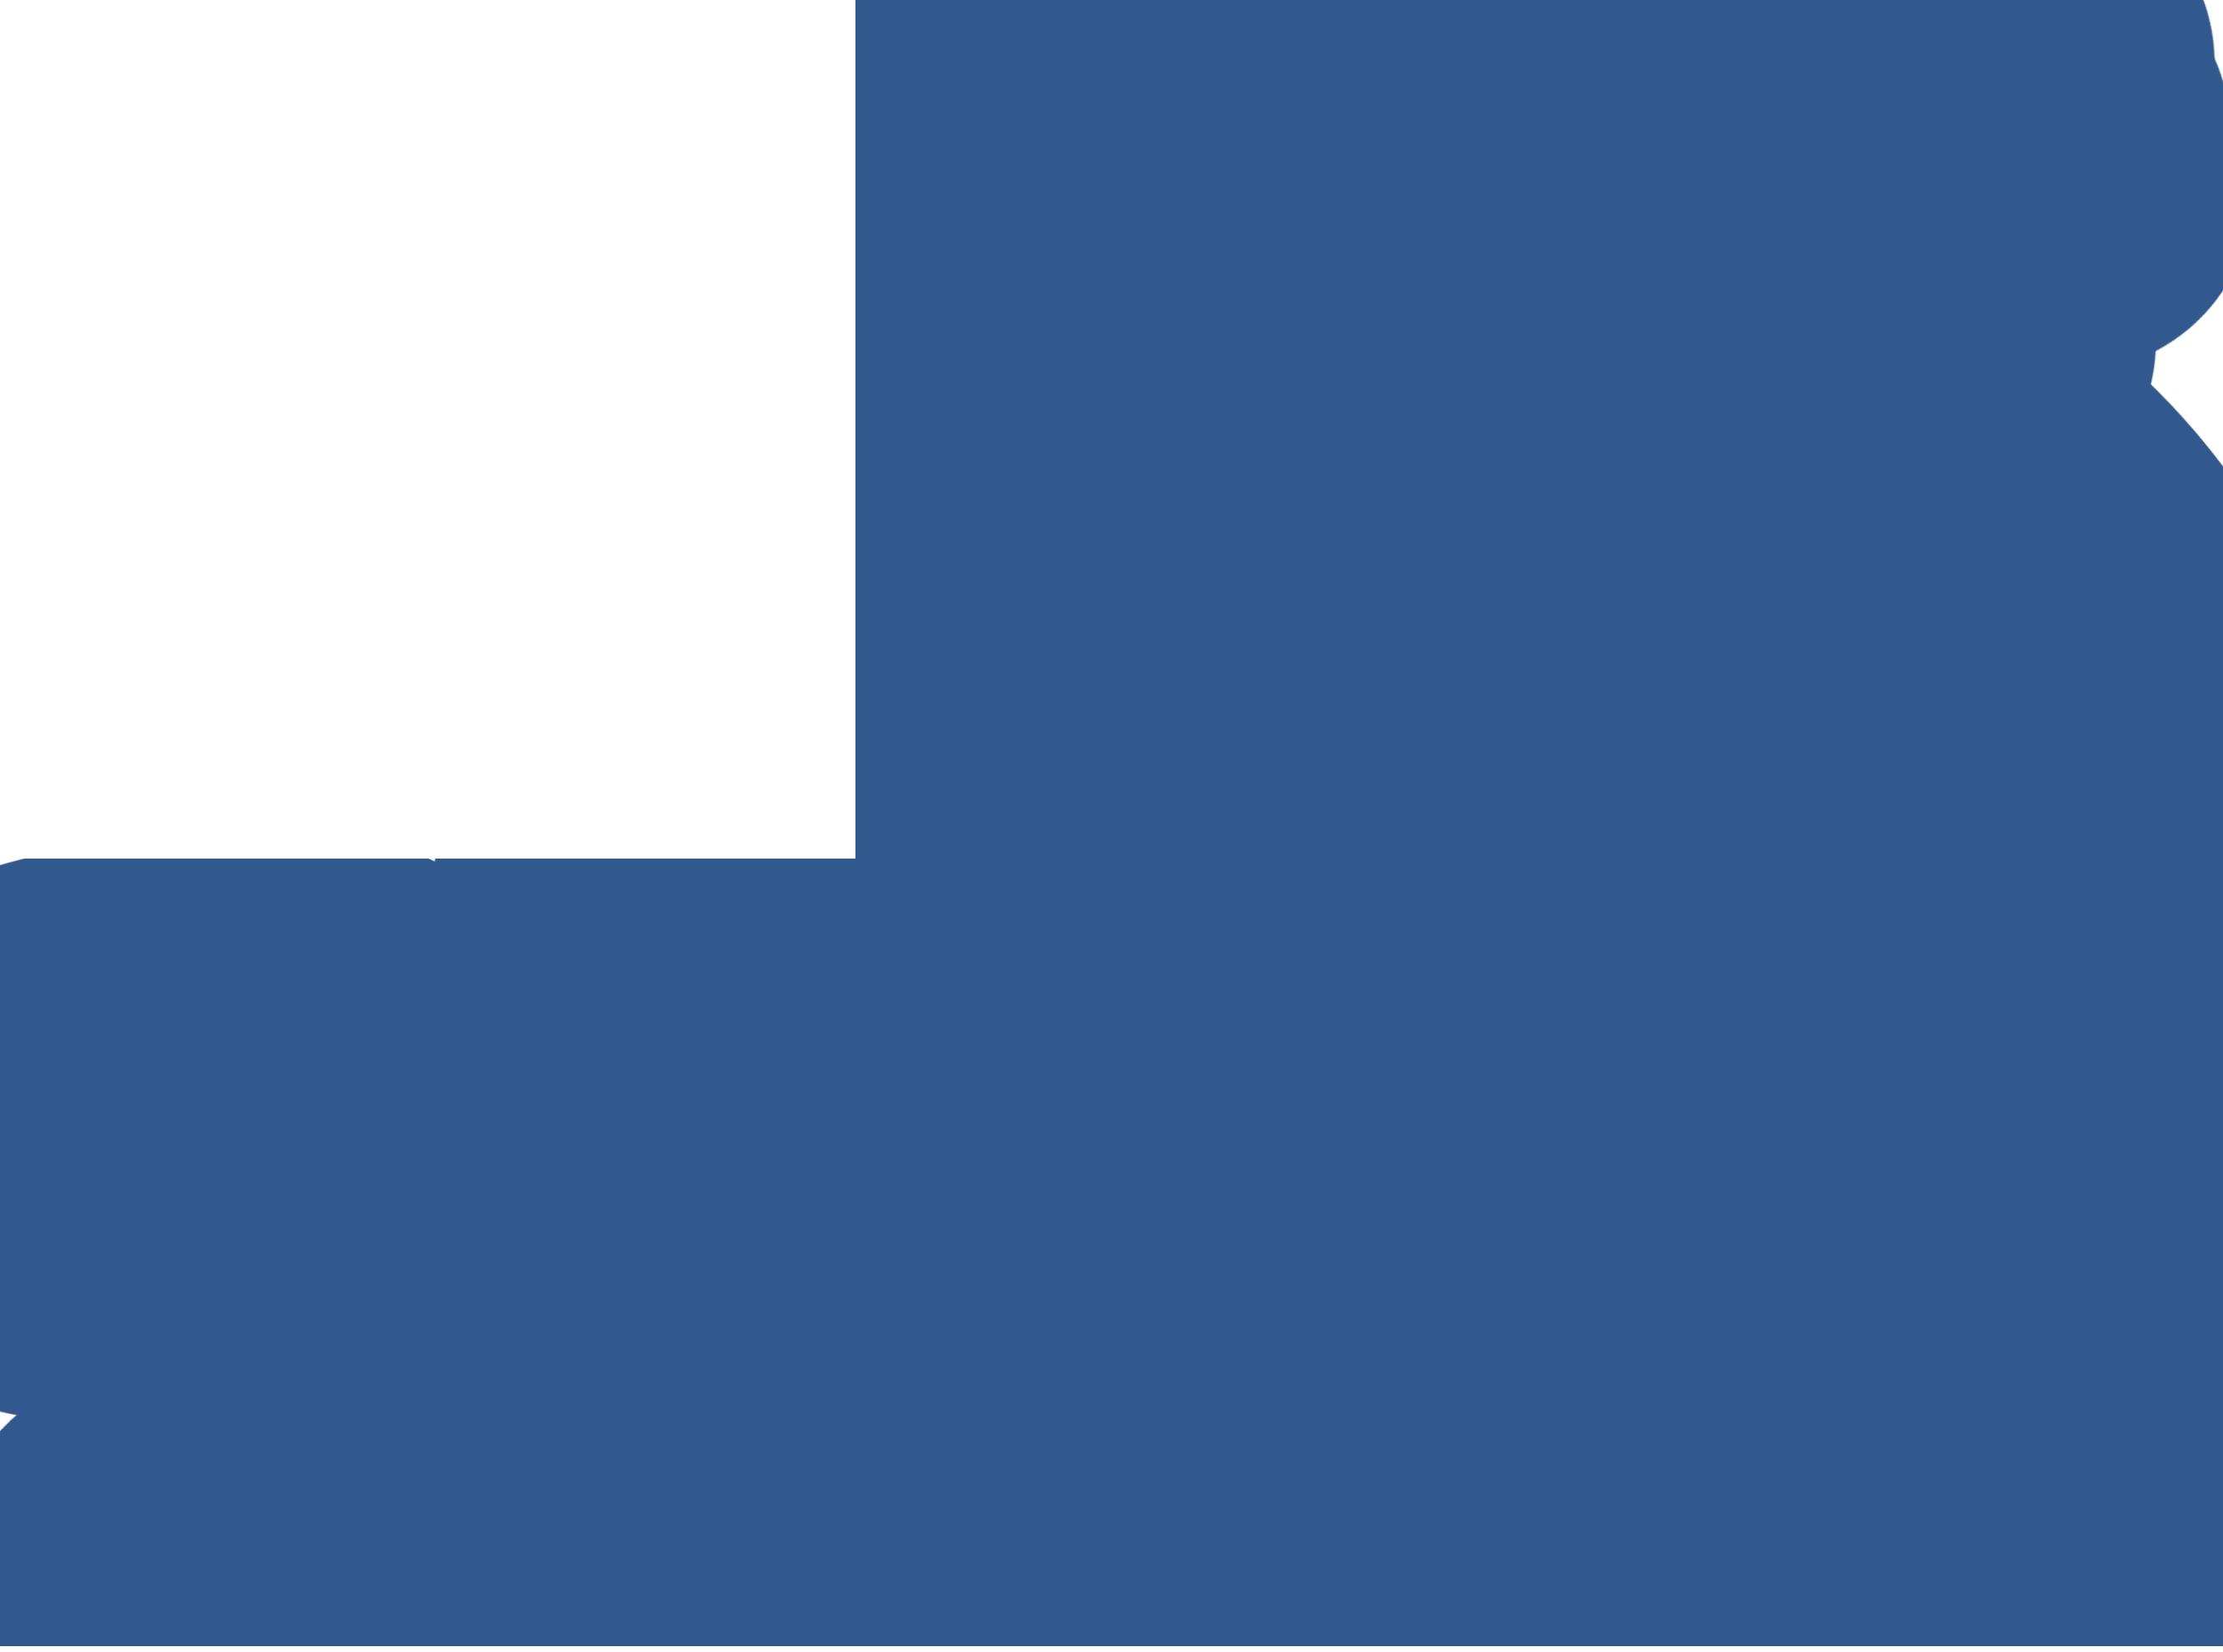 SARL Descamps